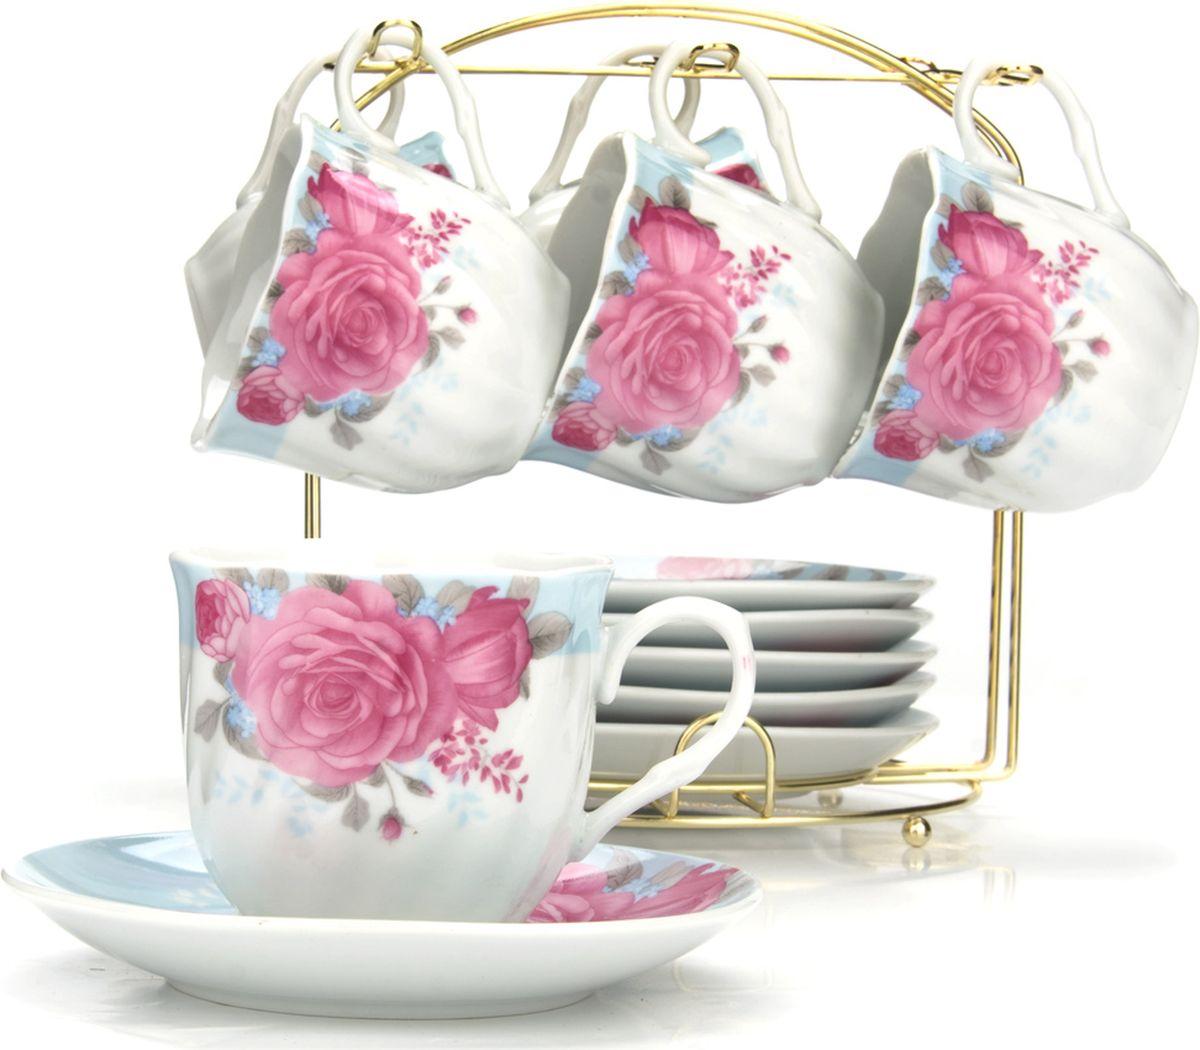 Сервиз чайный Loraine, на подставке, 13 предметов. 43283 сервиз чайный loraine на подставке 13 предметов 43283